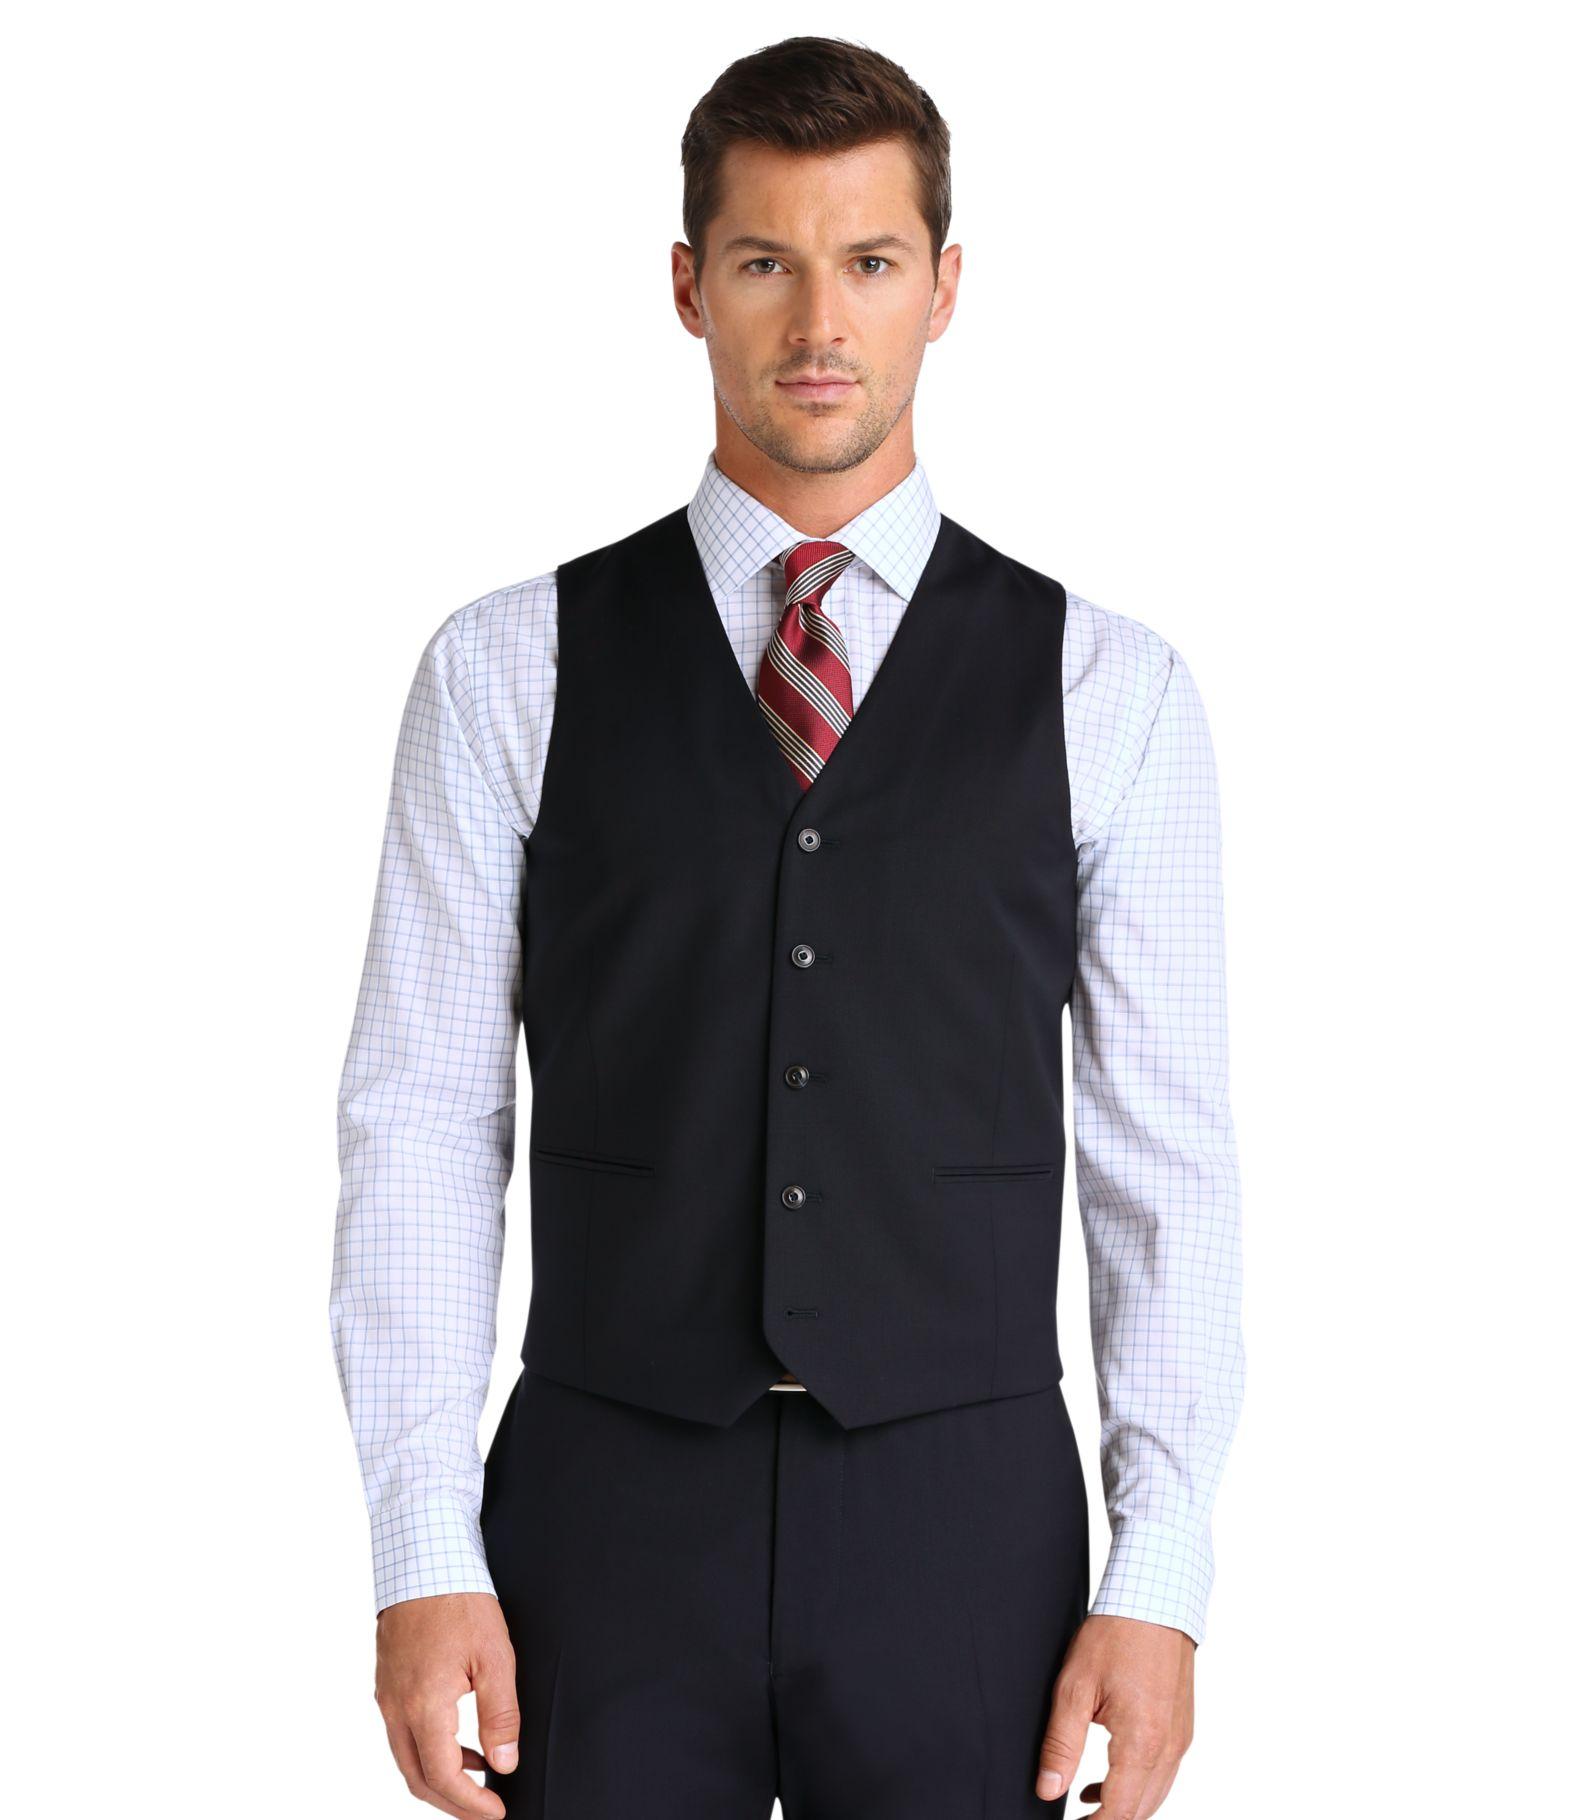 Male Casual Fashion Vest